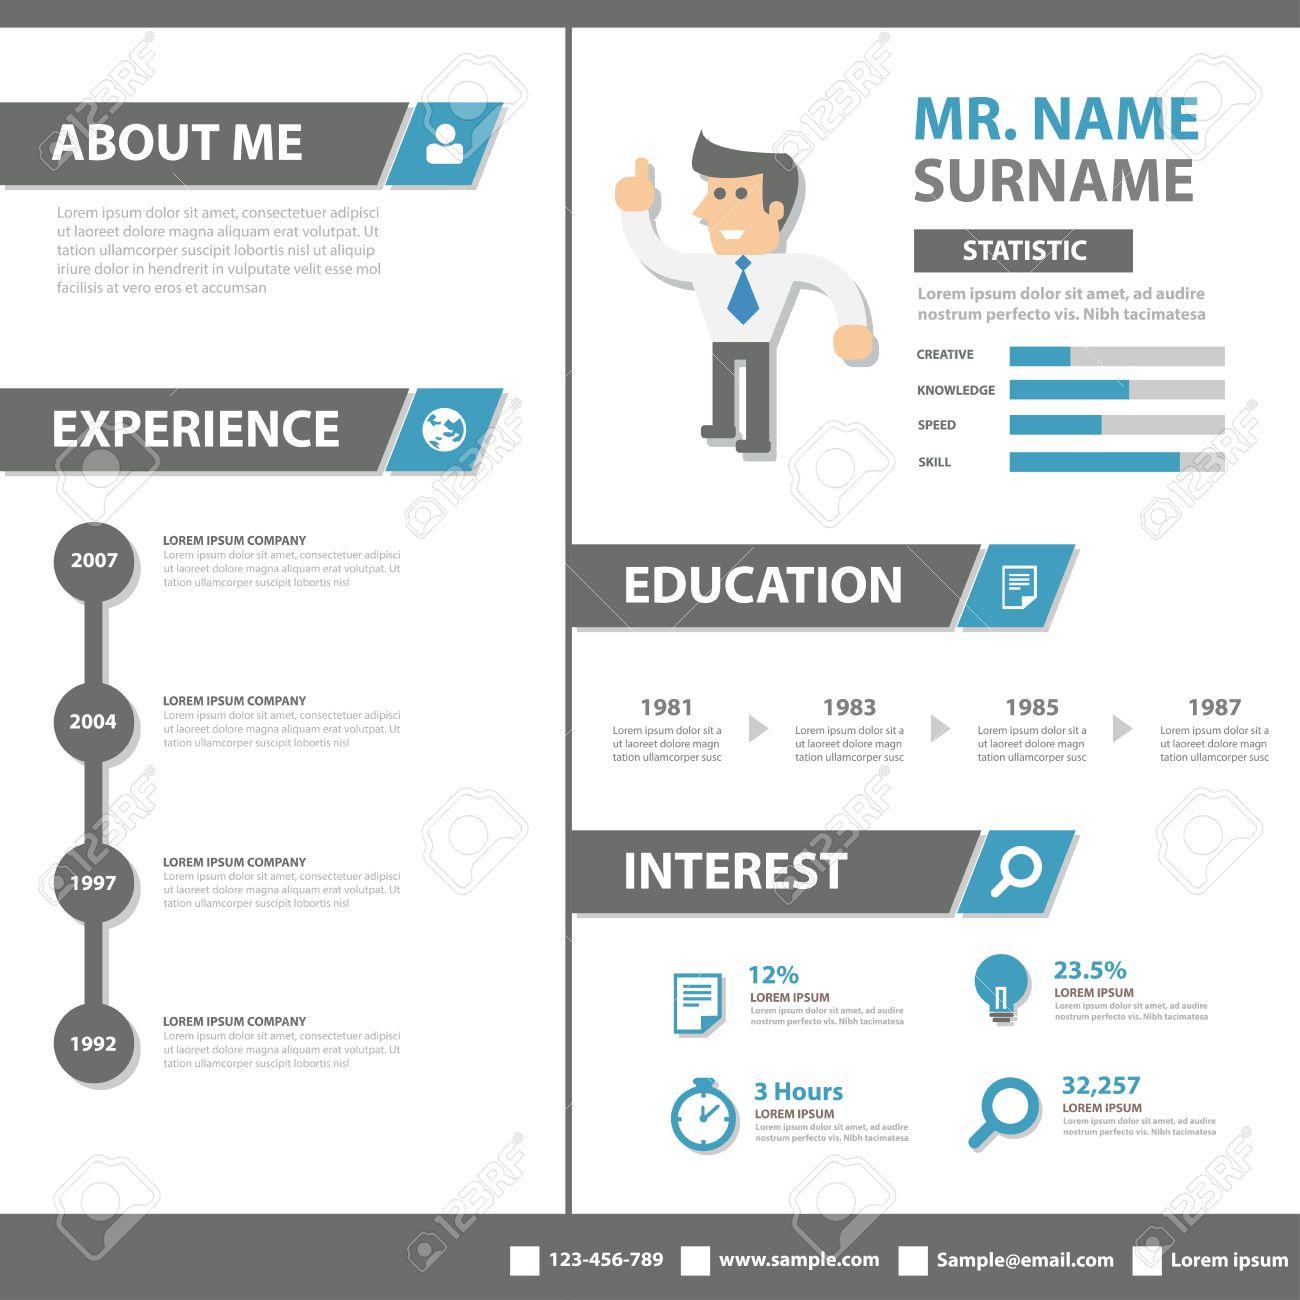 archivio fotografico design piatto creativo profilo riprendere lattivit cv vitae layout del modello intelligente per domanda di lavoro pubblicit